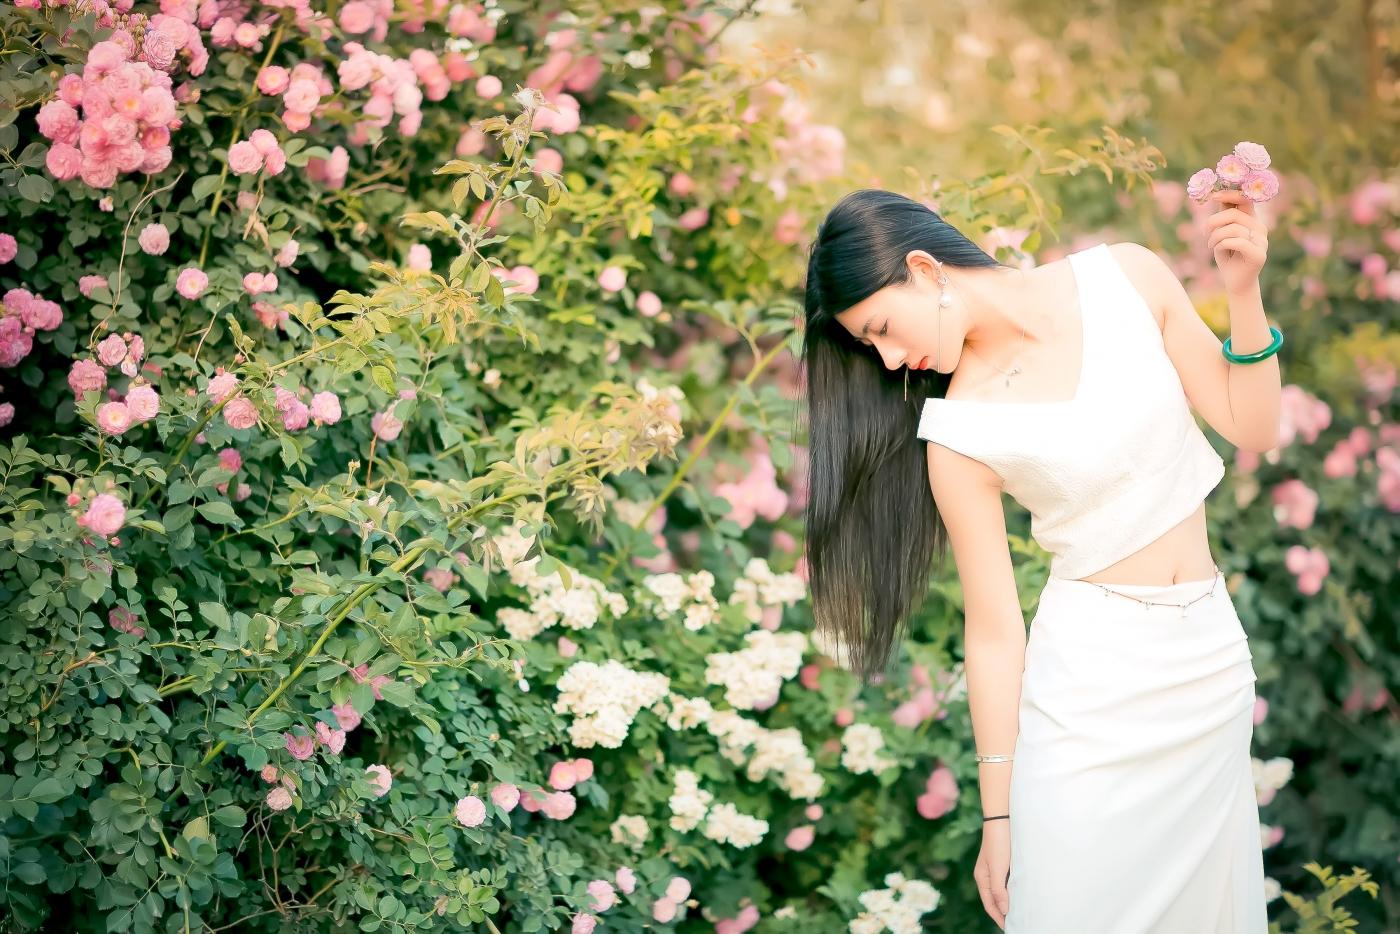 临沂大学有这么一道美丽的蔷薇长廊 当蔷薇MM王璐在她面前走过 ..._图1-24